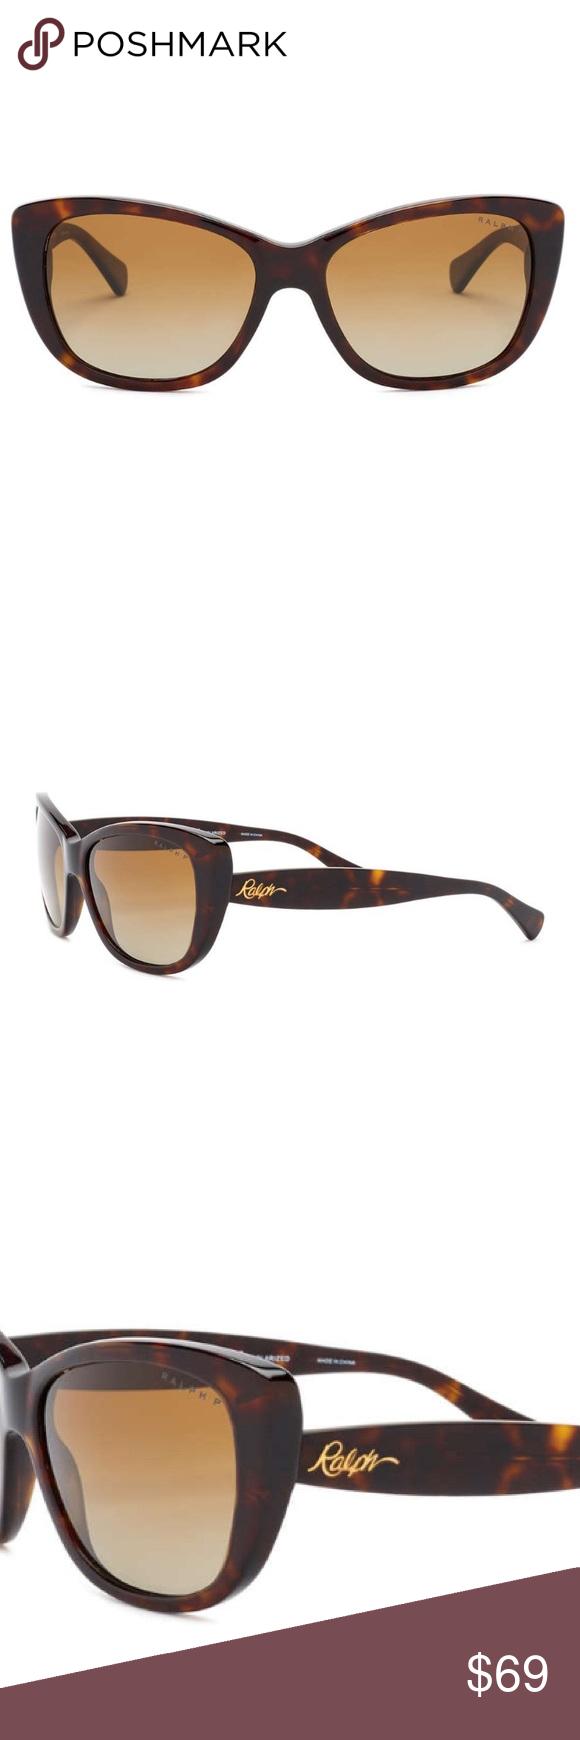 e83e17036cd Ralph Lauren Polarized Cat Eye Sunglasses NWT Women s cat eye sunglasses  with Tortoise acetate frames